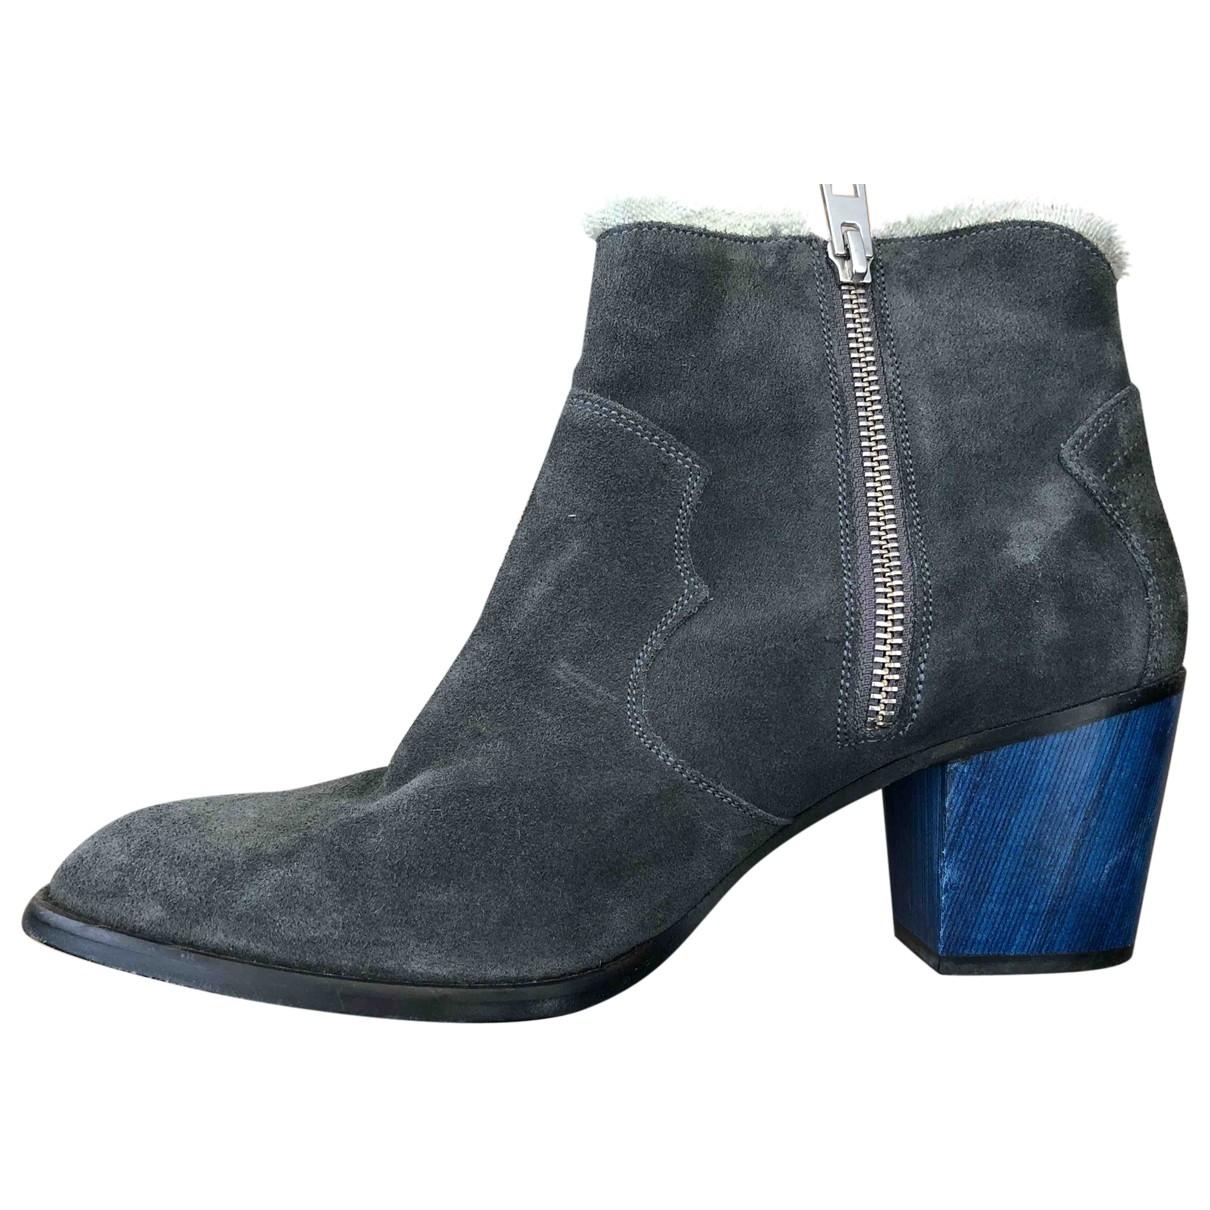 Zadig & Voltaire - Boots Molly pour femme en cuir - gris